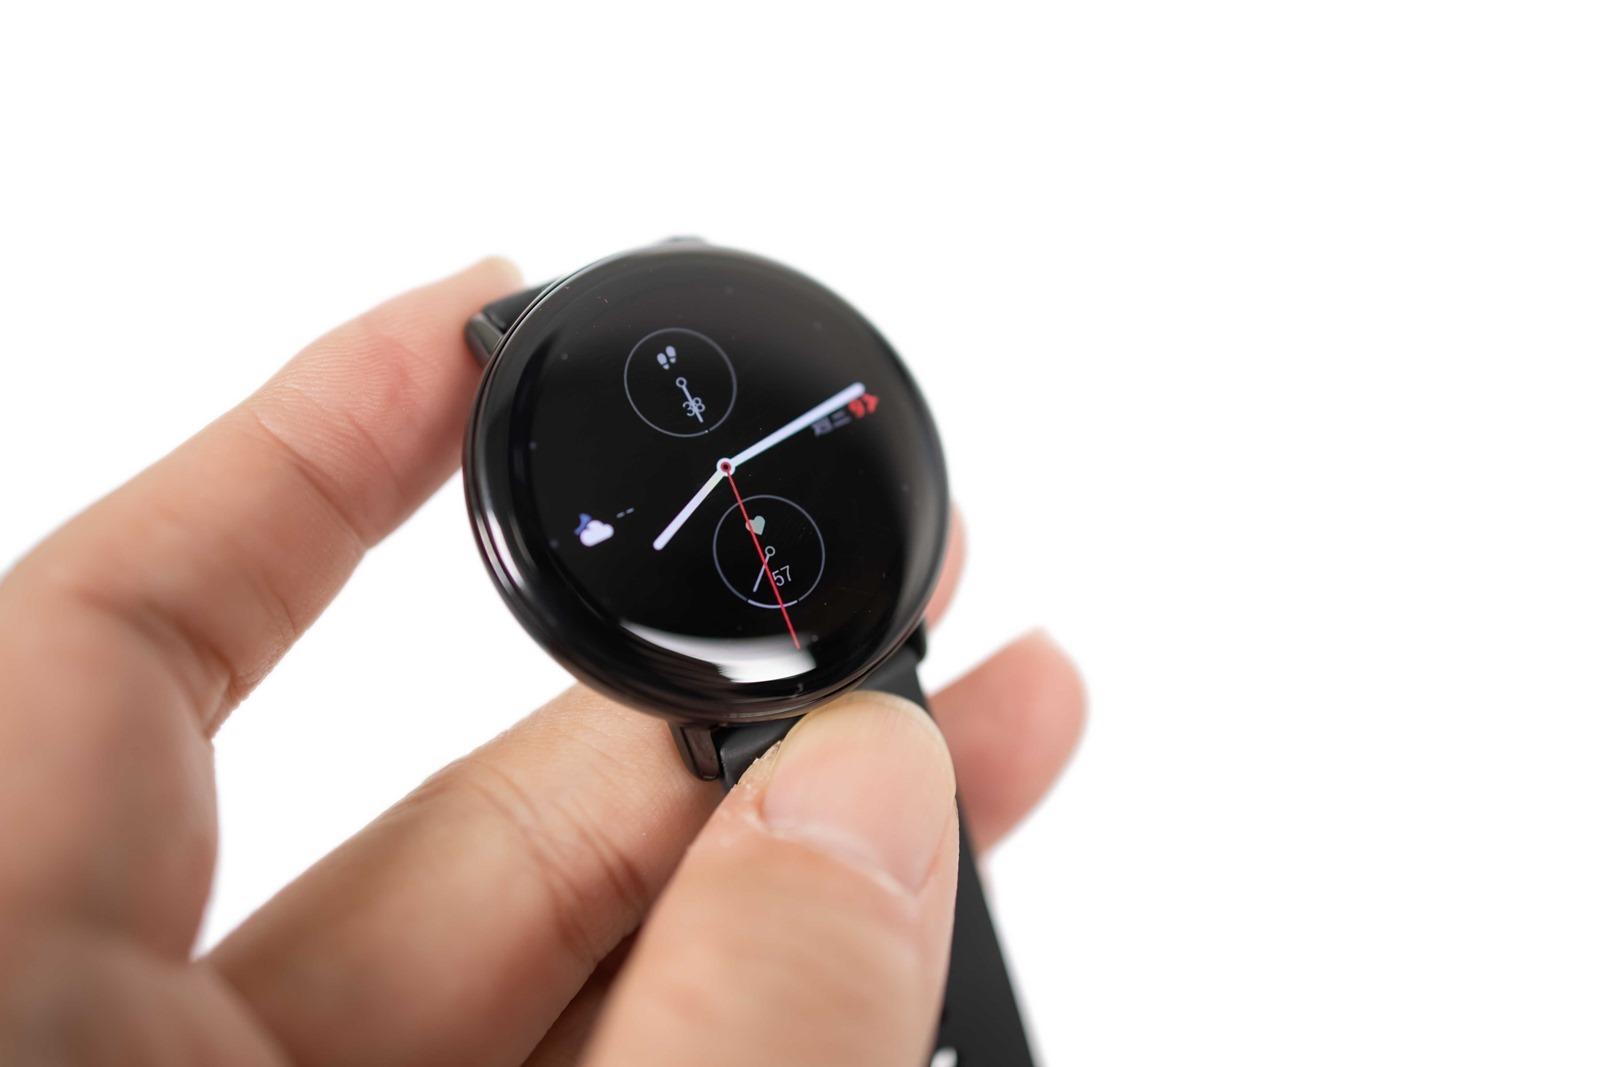 生而出色,簡約卓越的!Zepp E 智慧手錶極致美型,優雅講究的控管健康 @3C 達人廖阿輝